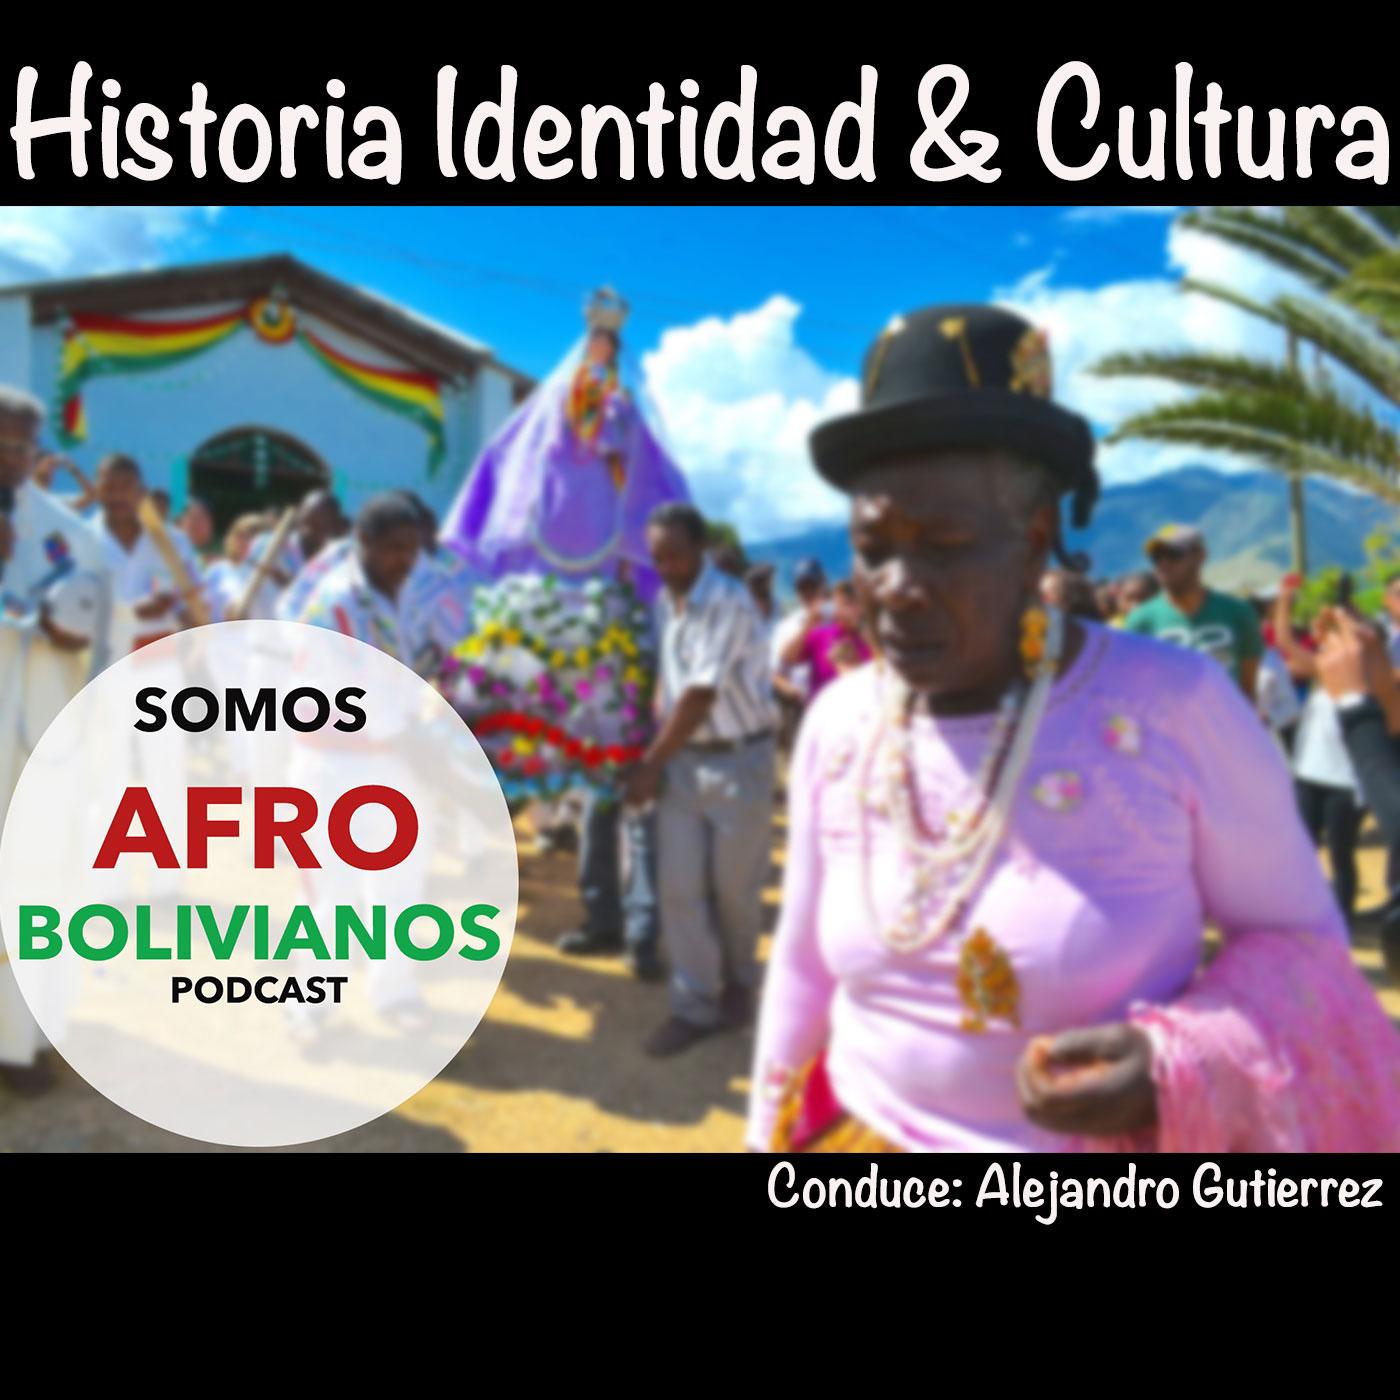 Episodio 14: Entre Moredanas, Lenguas Nativas y el Cafe, hablamos sobre lo Afroboliviano